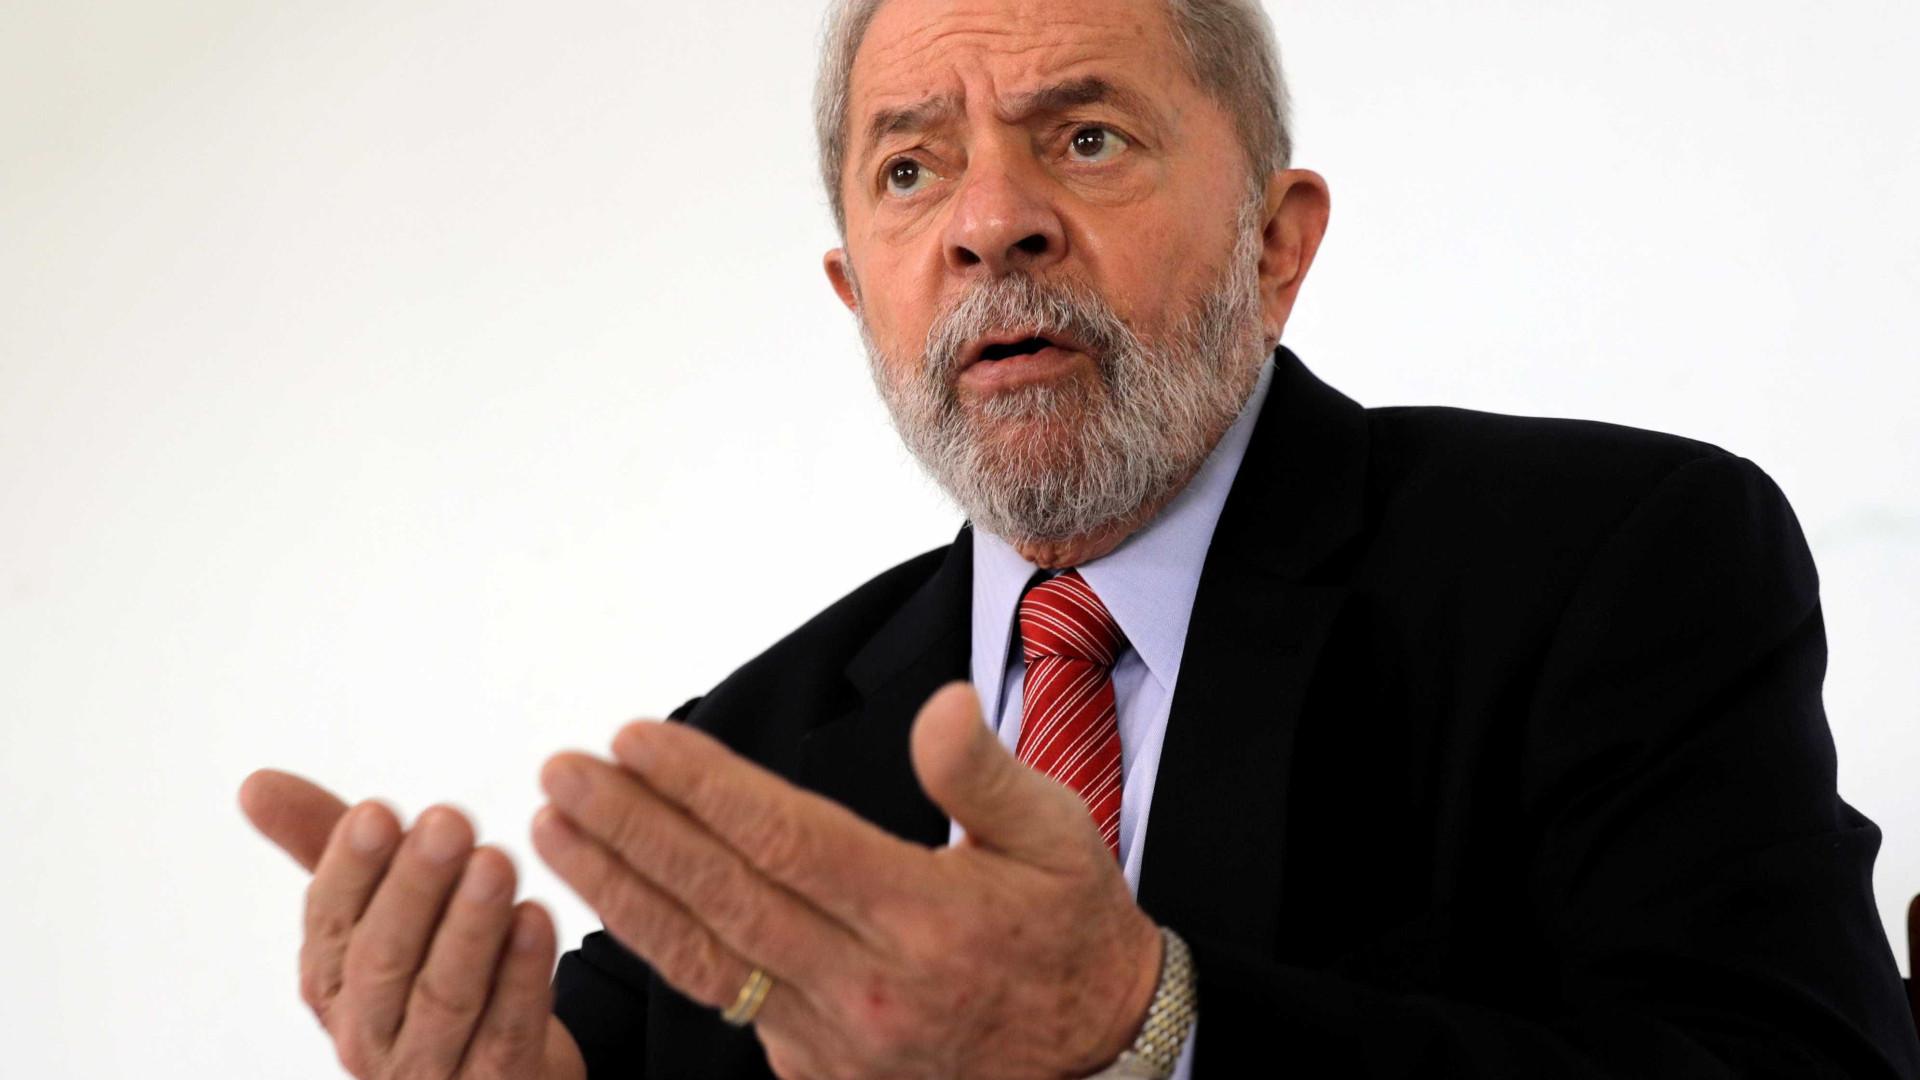 'Povo não tem que pagar Imposto de Renda sobre salário', diz Lula